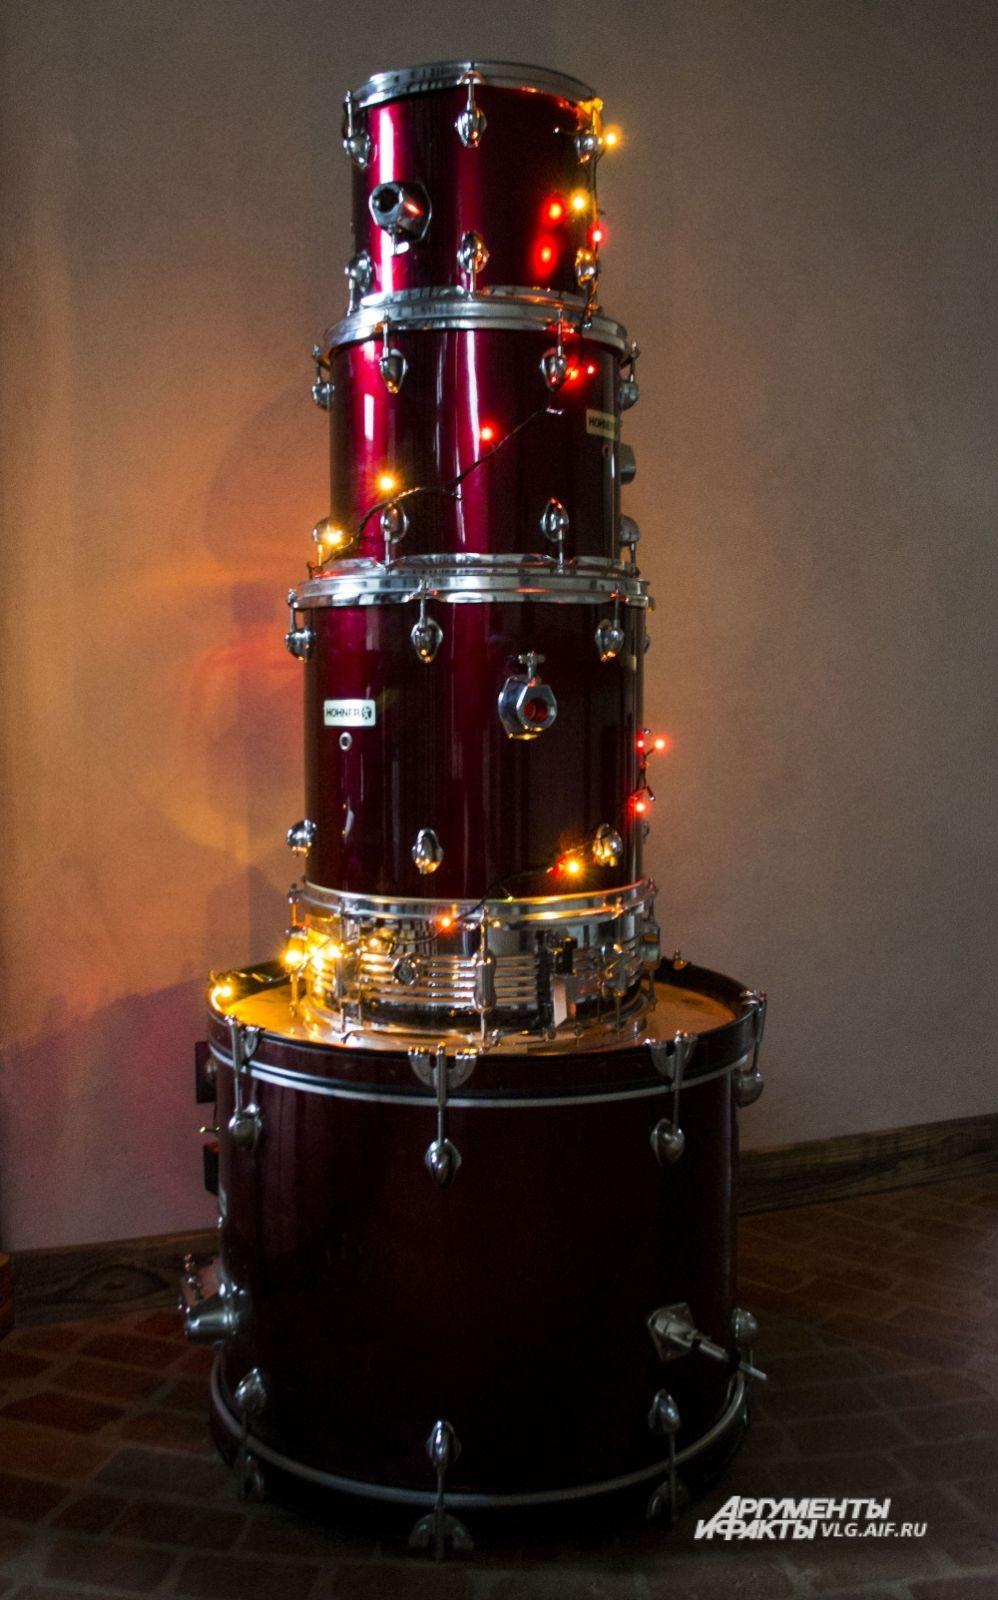 Музыкальная «Ёлка-не-ёлка» от Дарьи Романенко.  «Однажды в преддверии нового год я взглянула на свой инструмент в собранном состоянии, и он напомнил мне елку. Так и оставила её, украсив гирляндами», - рассказывает Дарья.